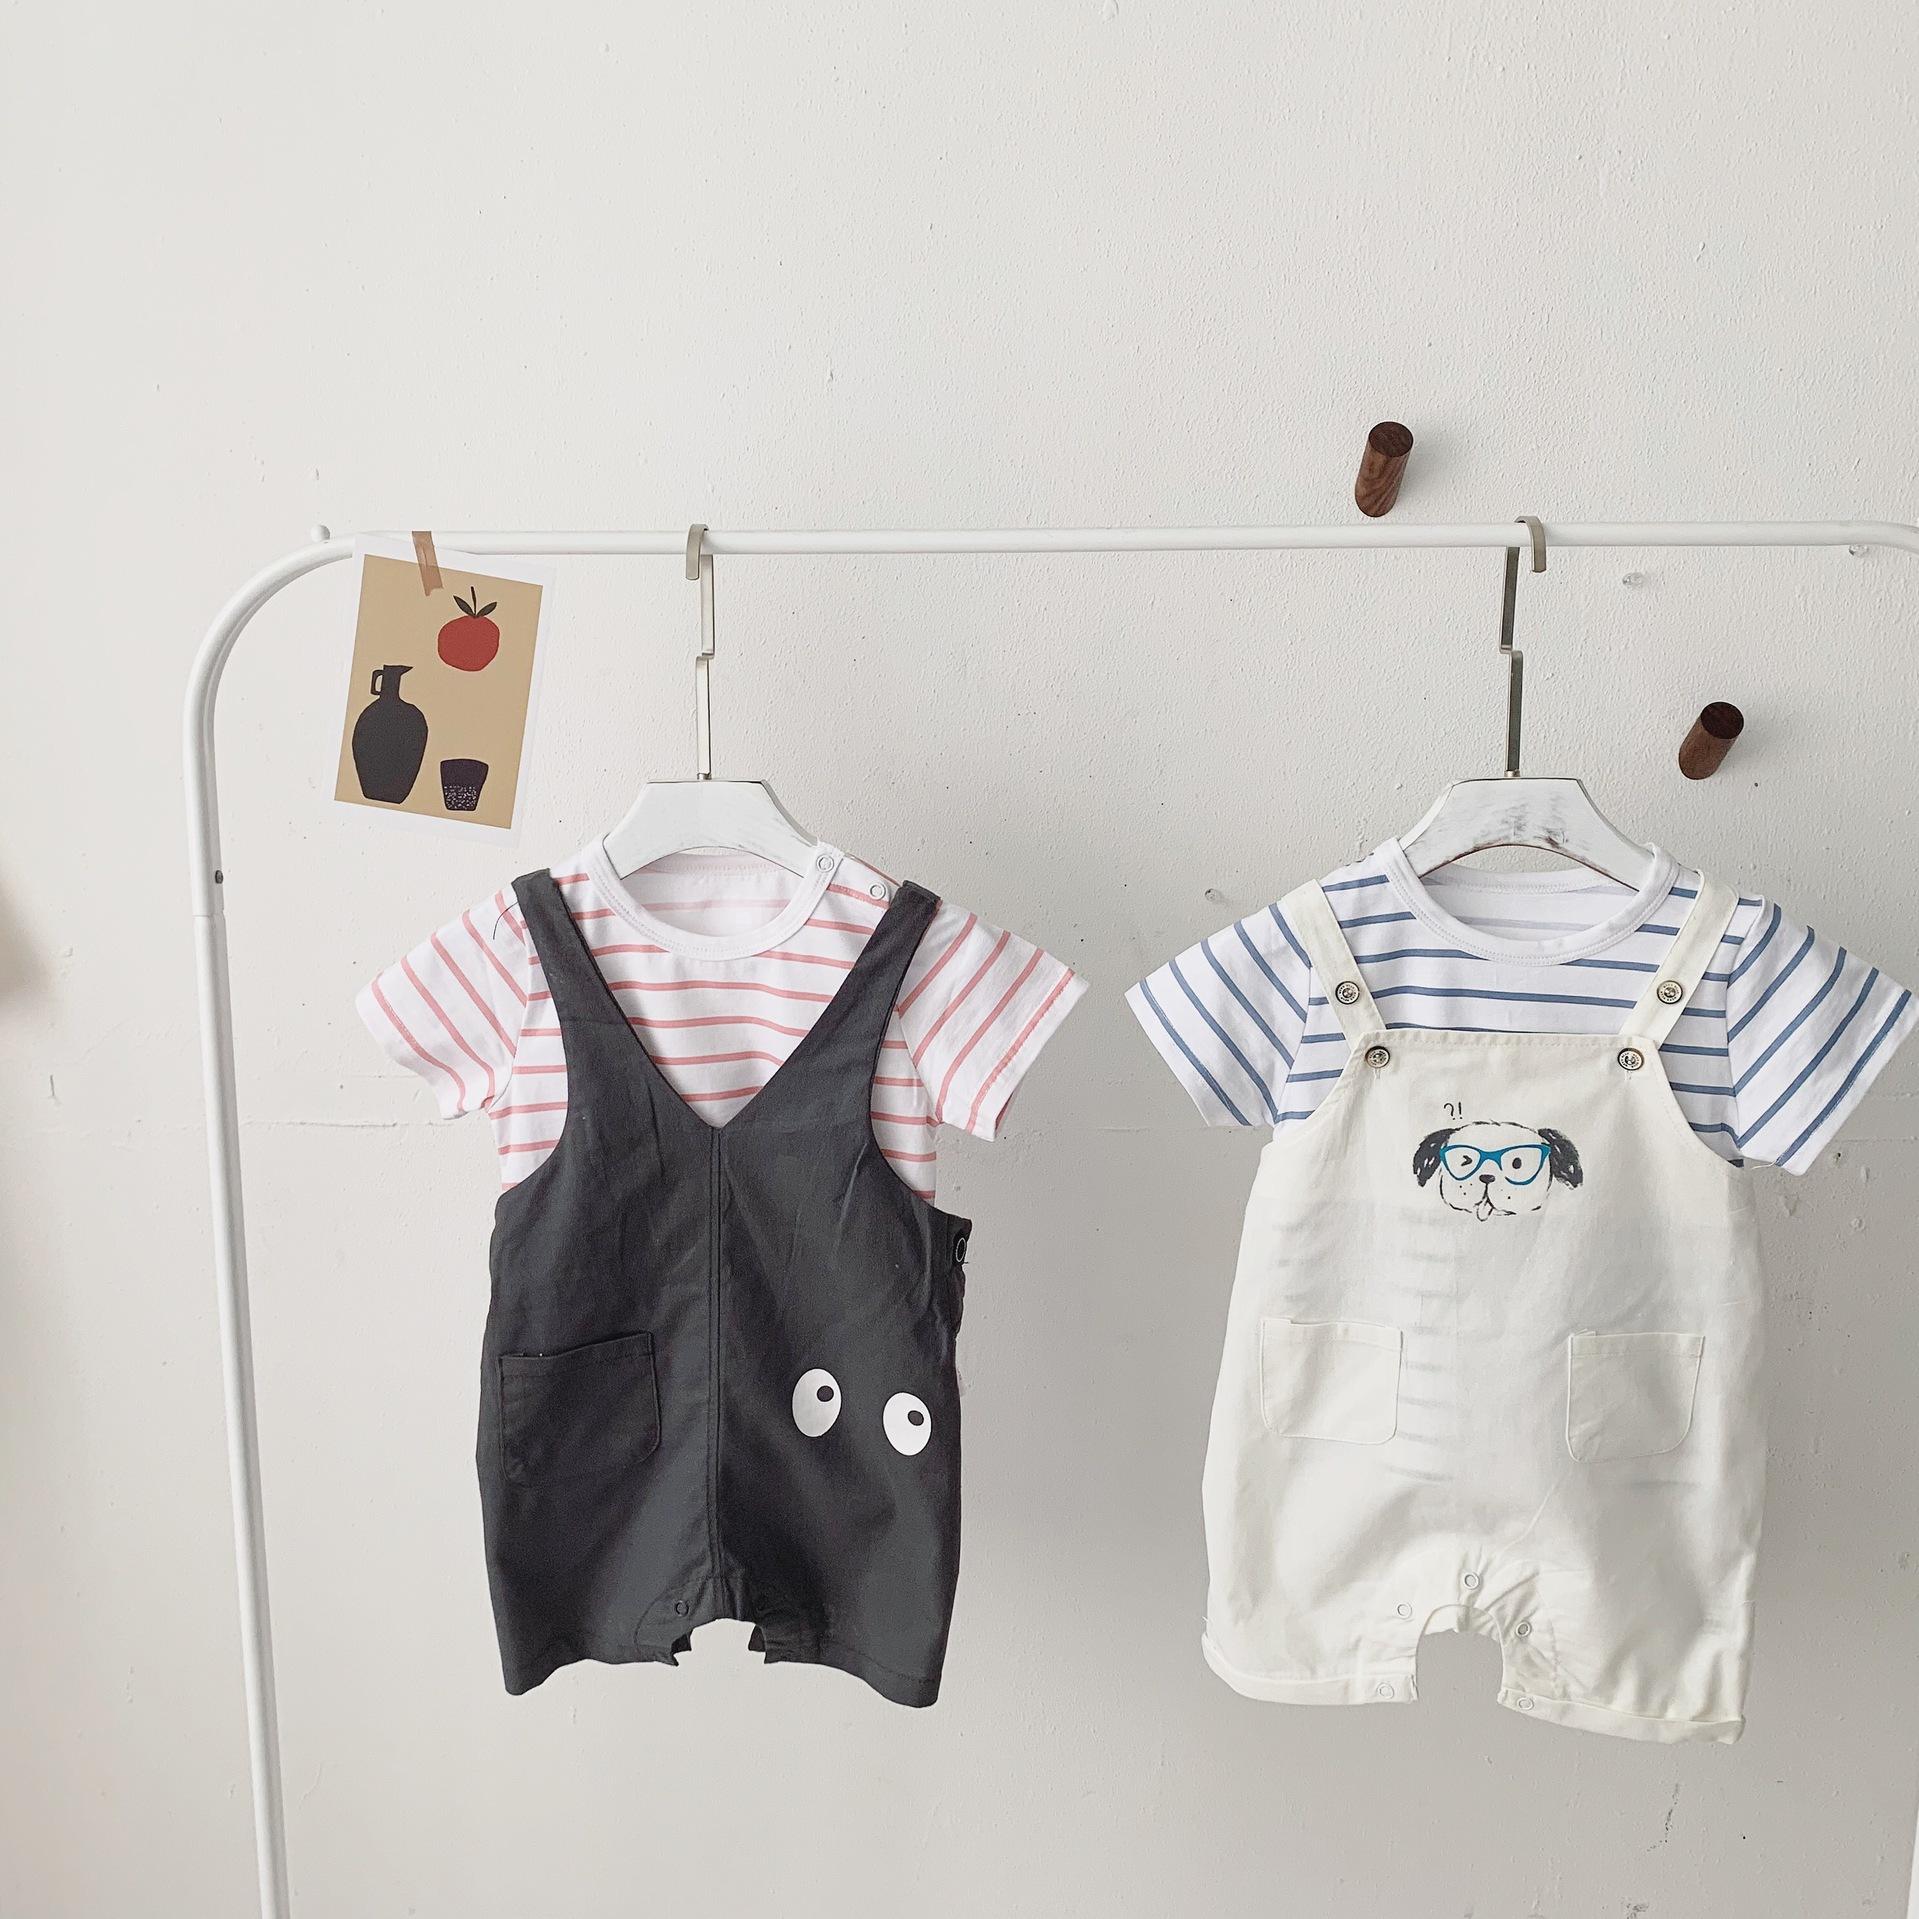 HHBE Đồ Suits trẻ em Bé trai và bé gái hè mới Quần áo trẻ em Hàn Quốc Áo thun cotton sọc bé + quần b